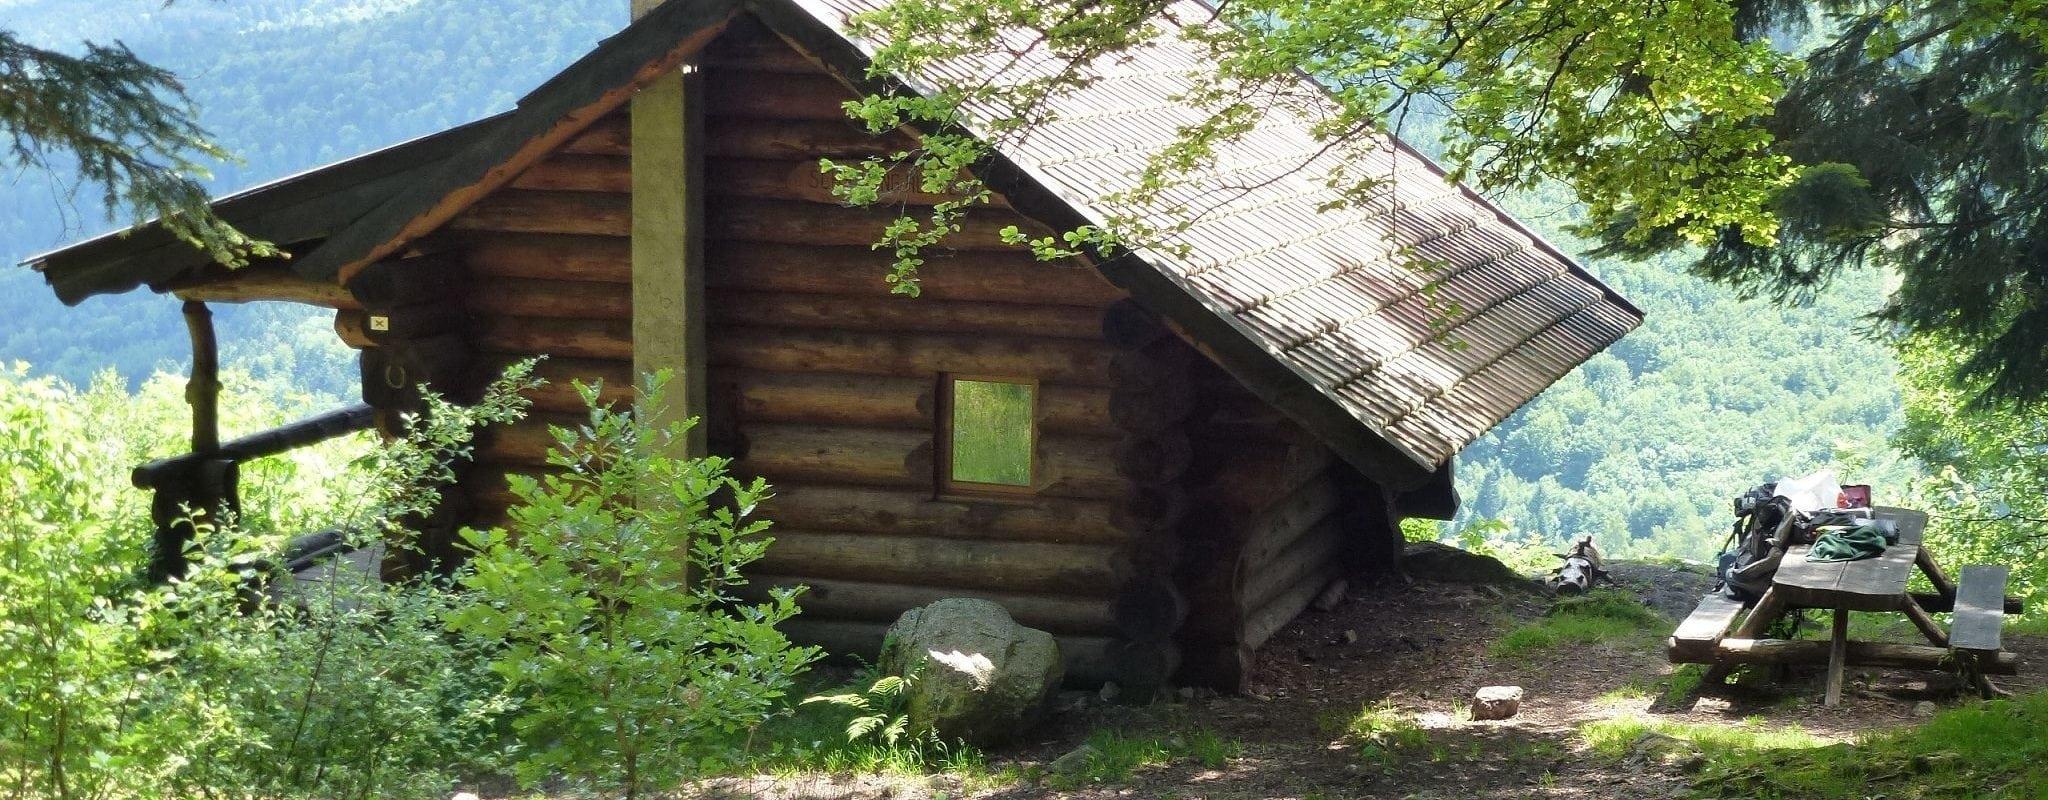 Comment randonner et dormir dans les Vosges sans porter sa tente?